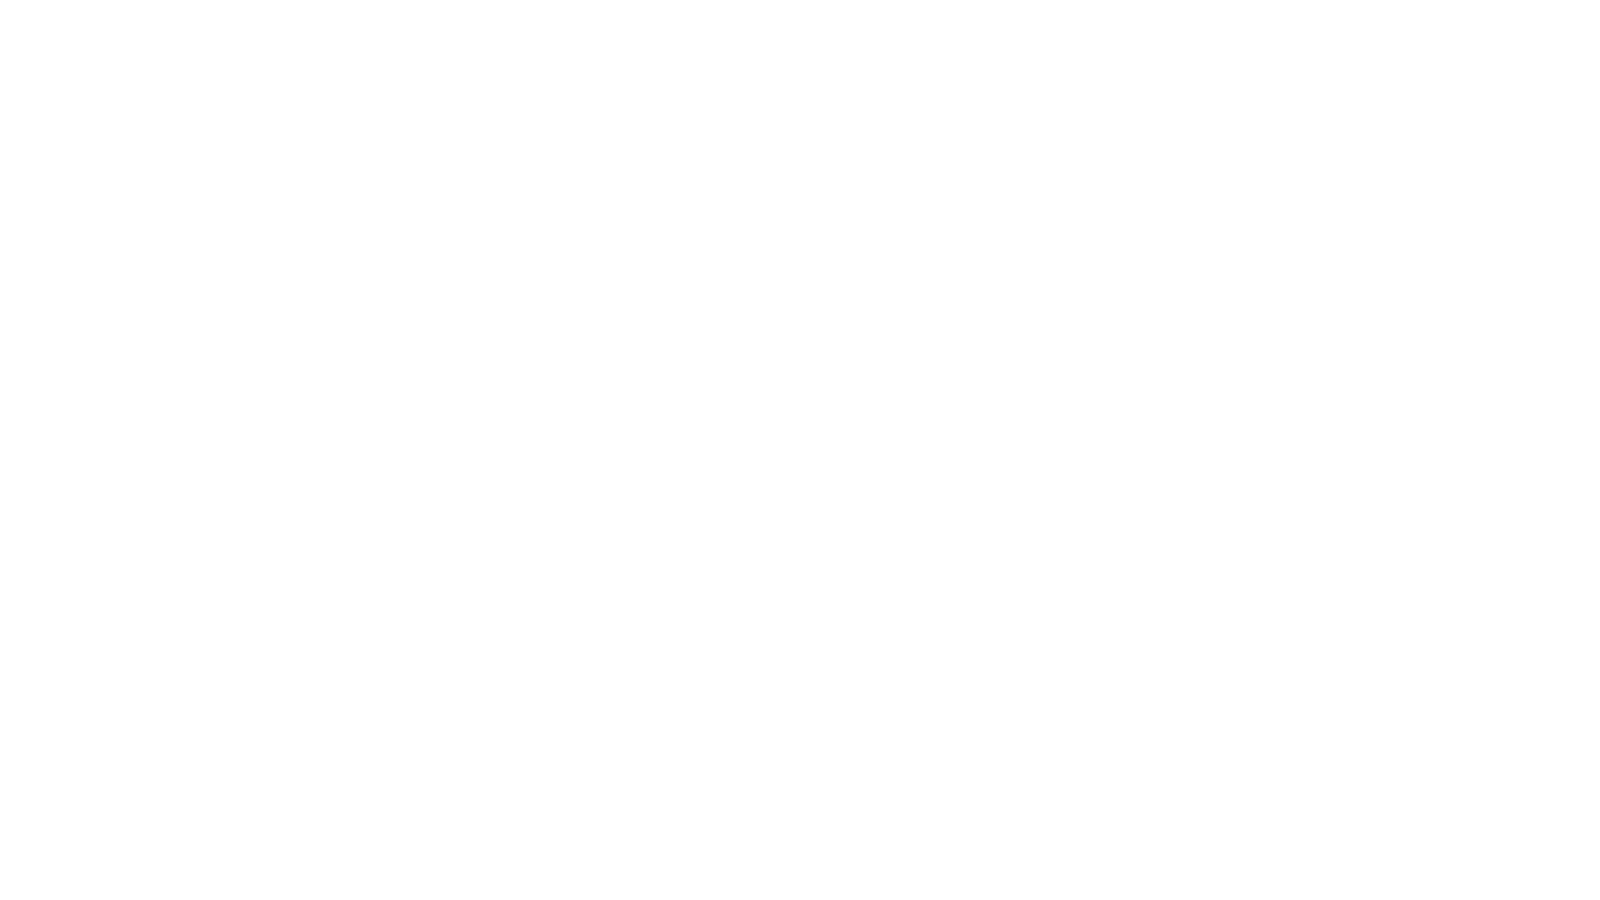 Oggi, il primo saggio musicale in diretta su Facebook e qui sul nostro sito! Una grande giornata di saggio online, un'esibizione a distanza con decine di protagonisti collegati in diretta dalla nostra sede, un'alternanza di musica, pezzi, danze, brani suonati e preparati per il saggio di fine anno.  Raccontiamo così questo anno davvero particolare, fatto di lezioni in presenza e lezioni on line, fatto di vicinanza e di distanza, ma sopratutto fatto di musica e di danza!